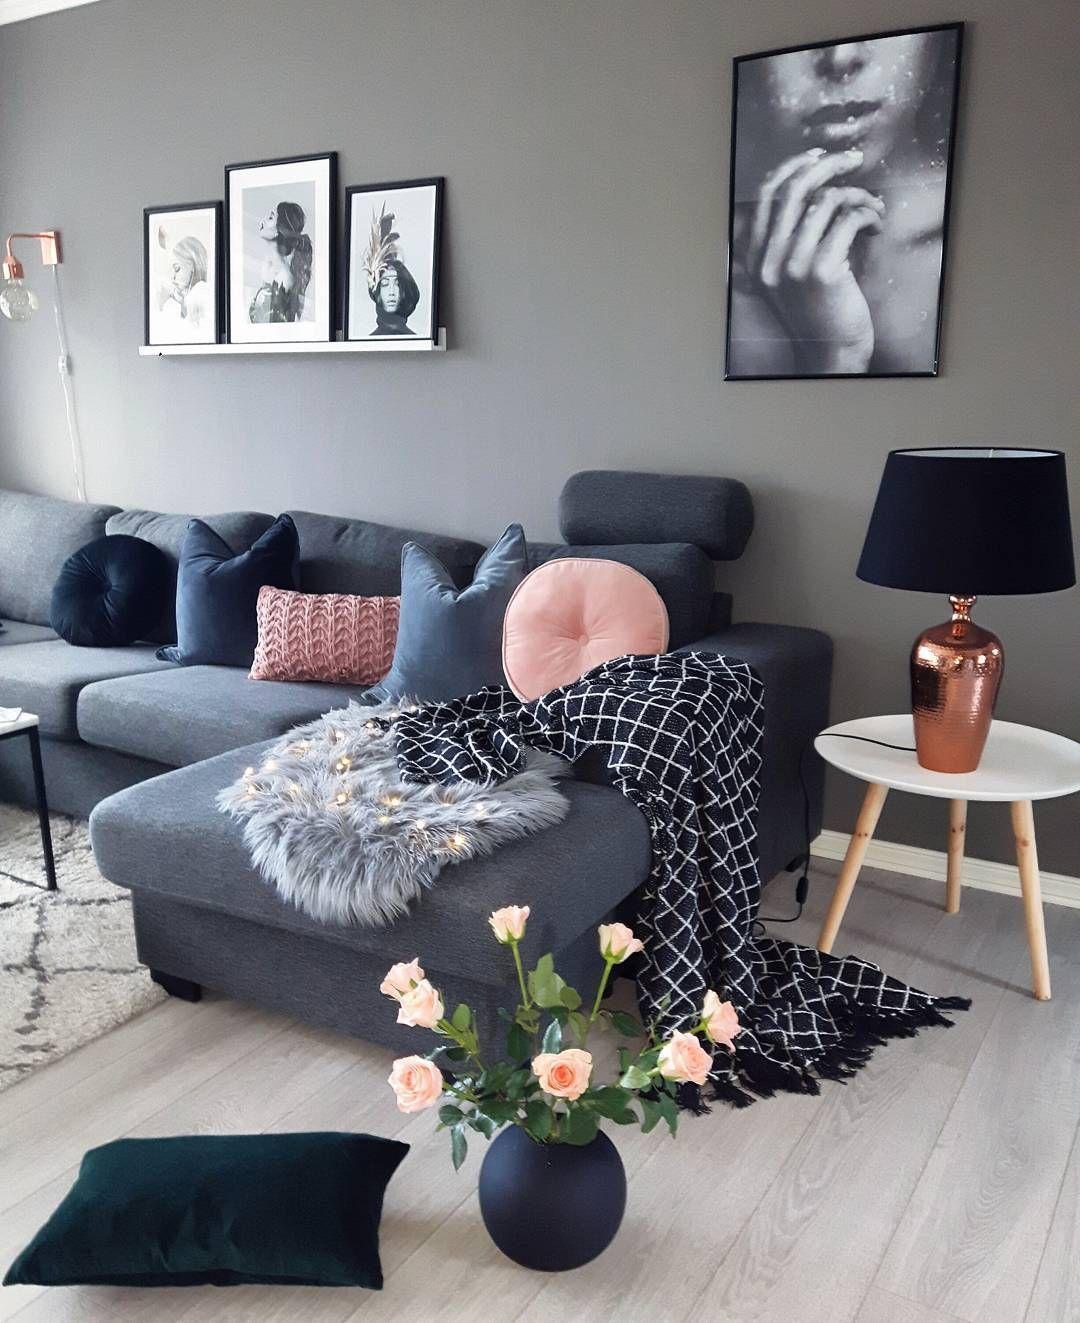 canapé gris et mur gris clair | Places to Live | Pinterest | Living ...